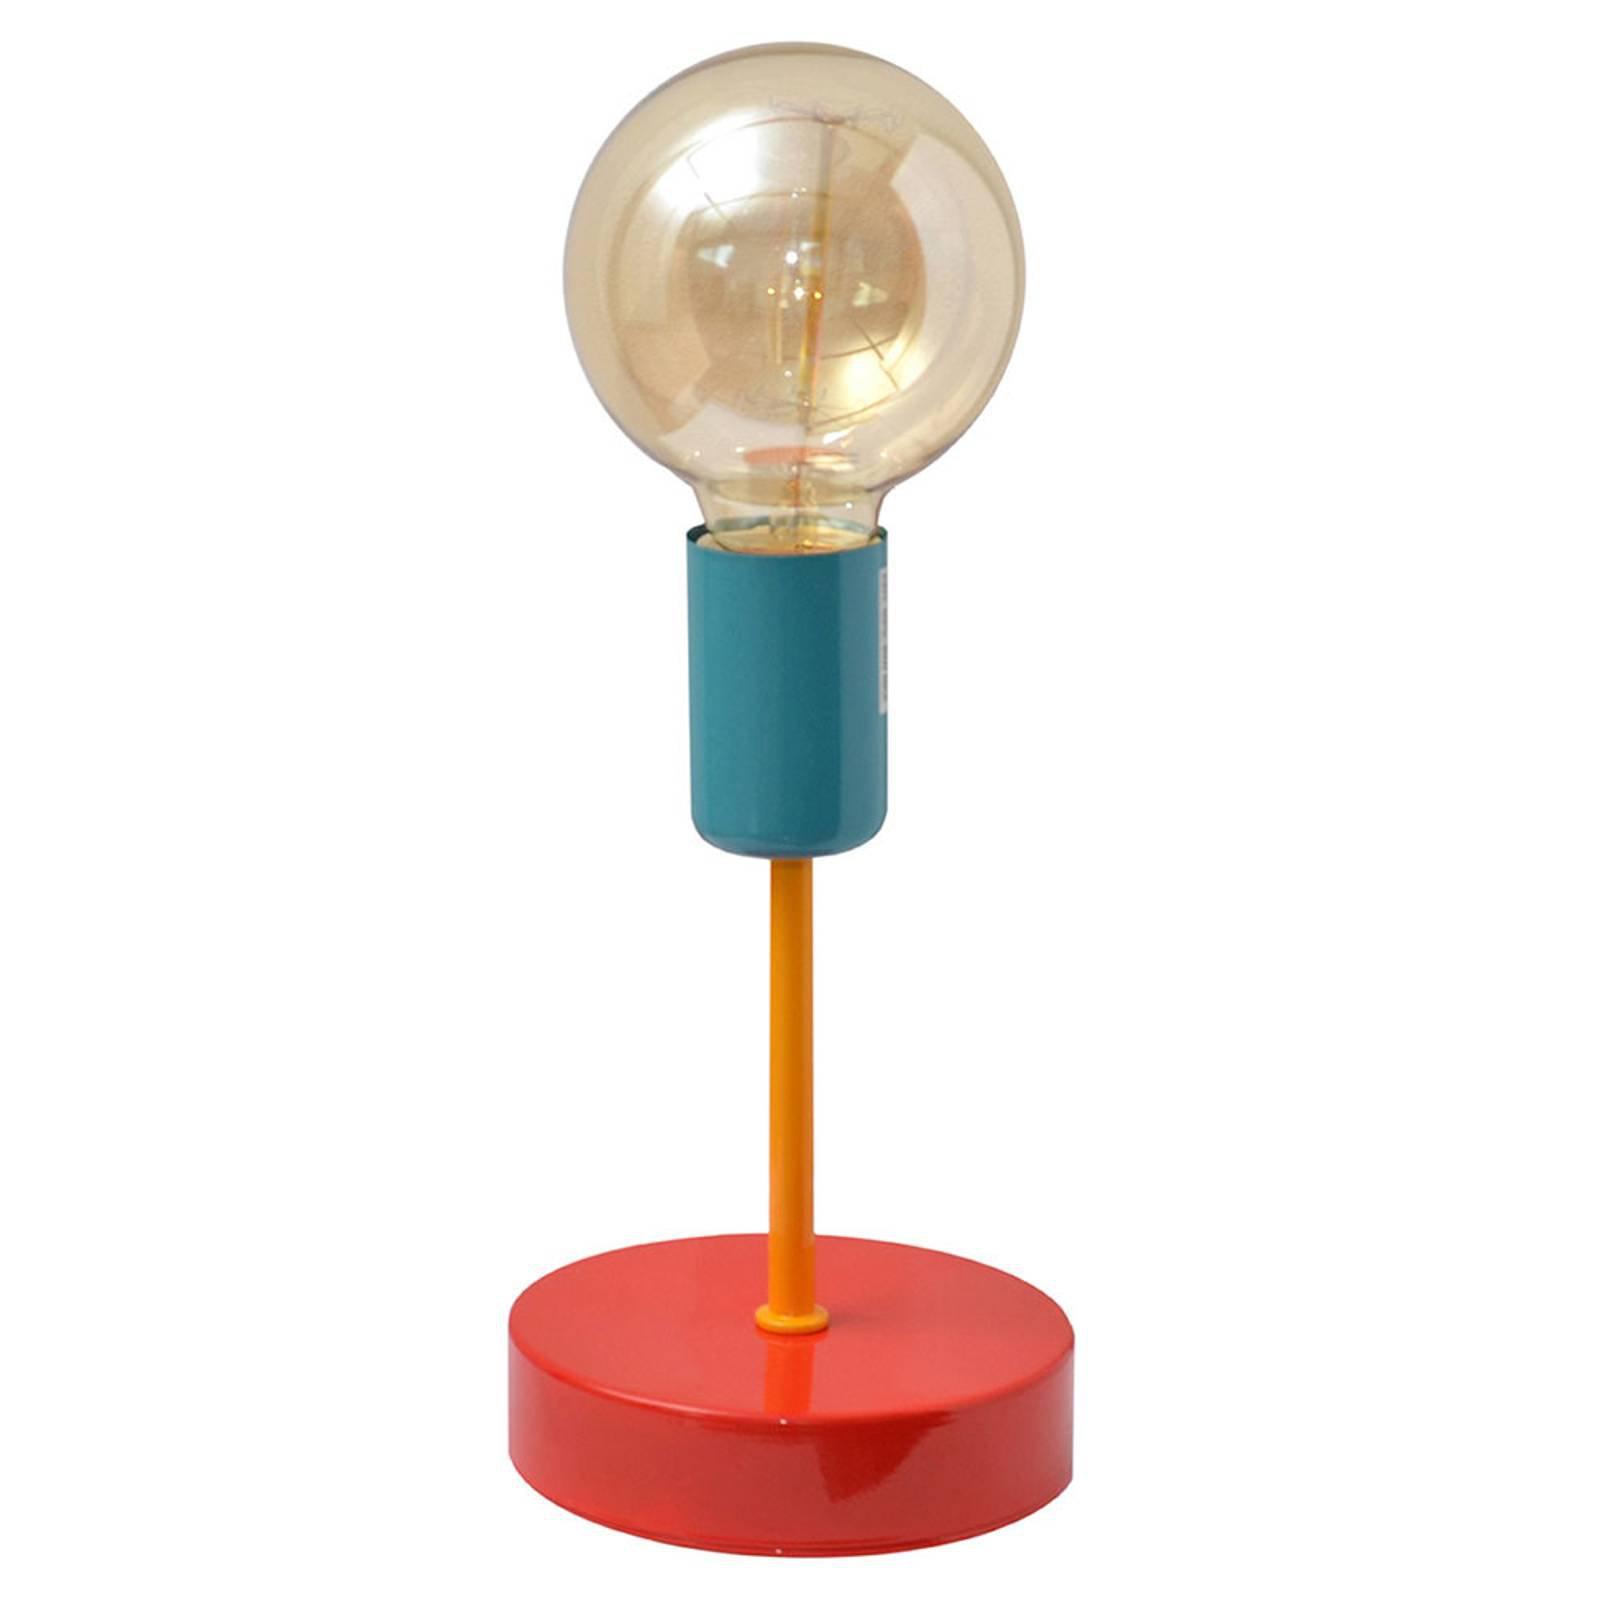 Fargerik bordlampe Oxford, rød/oransje/turkis